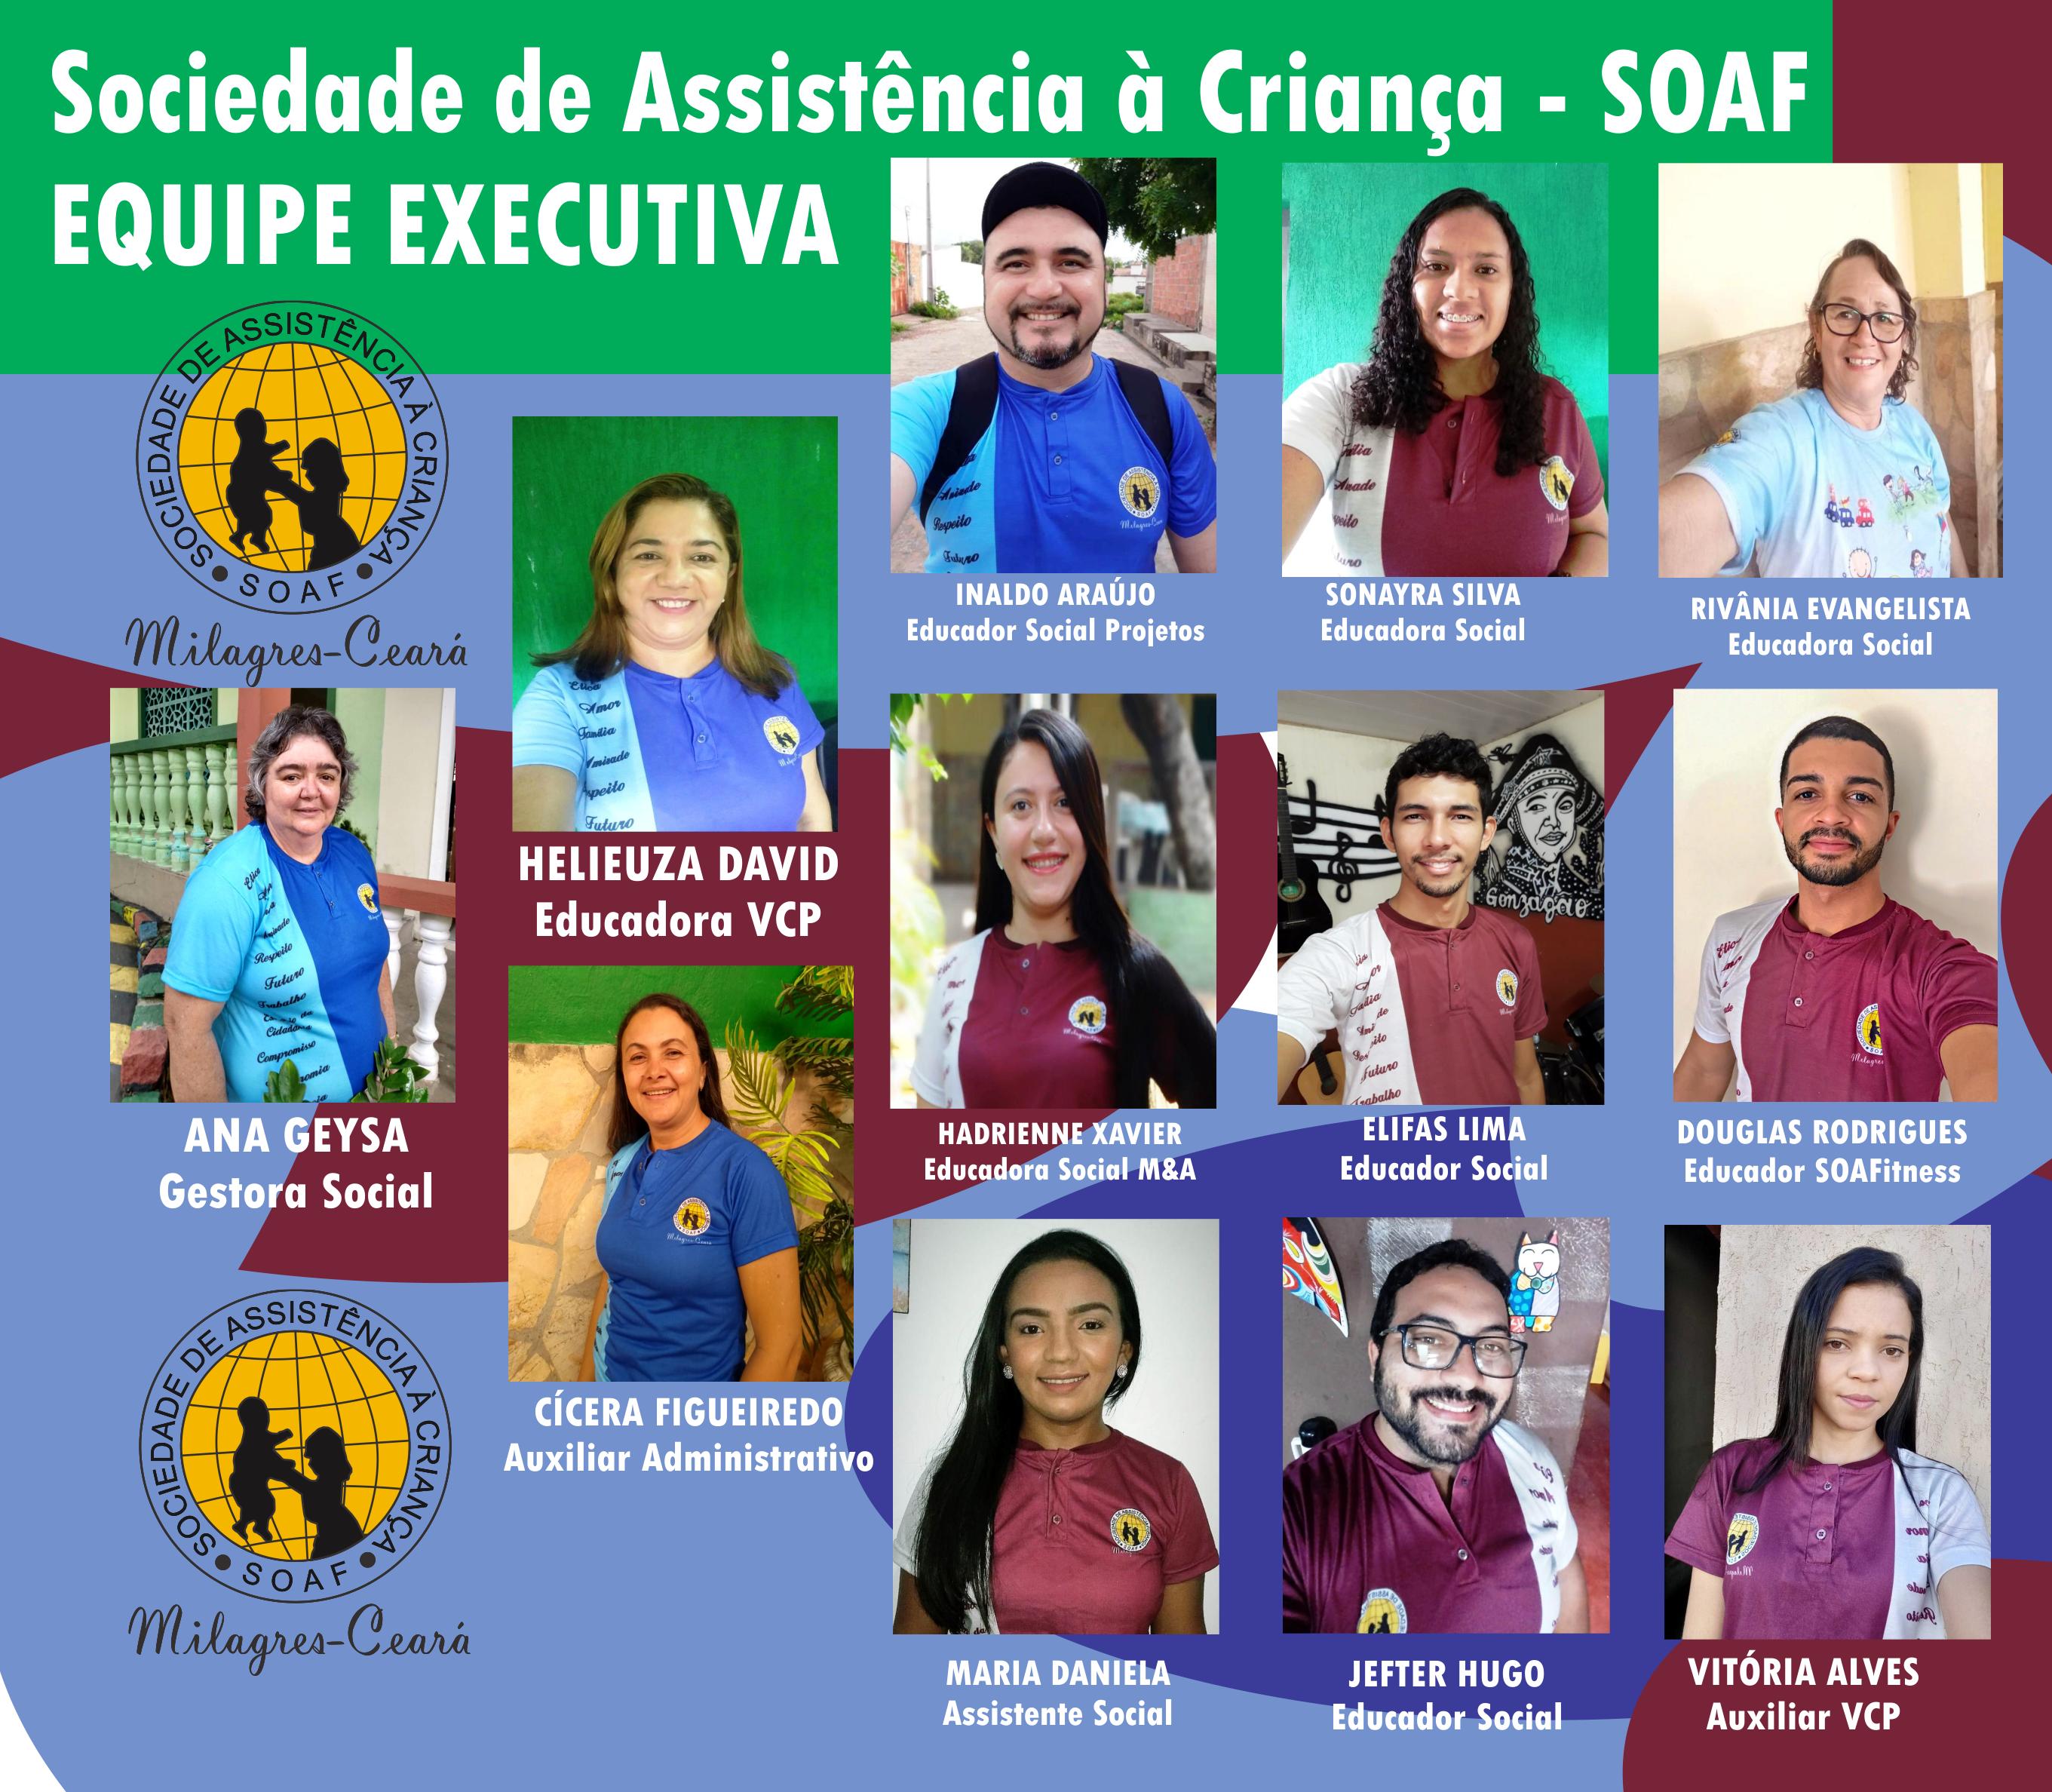 Equipe Executiva da SOAF